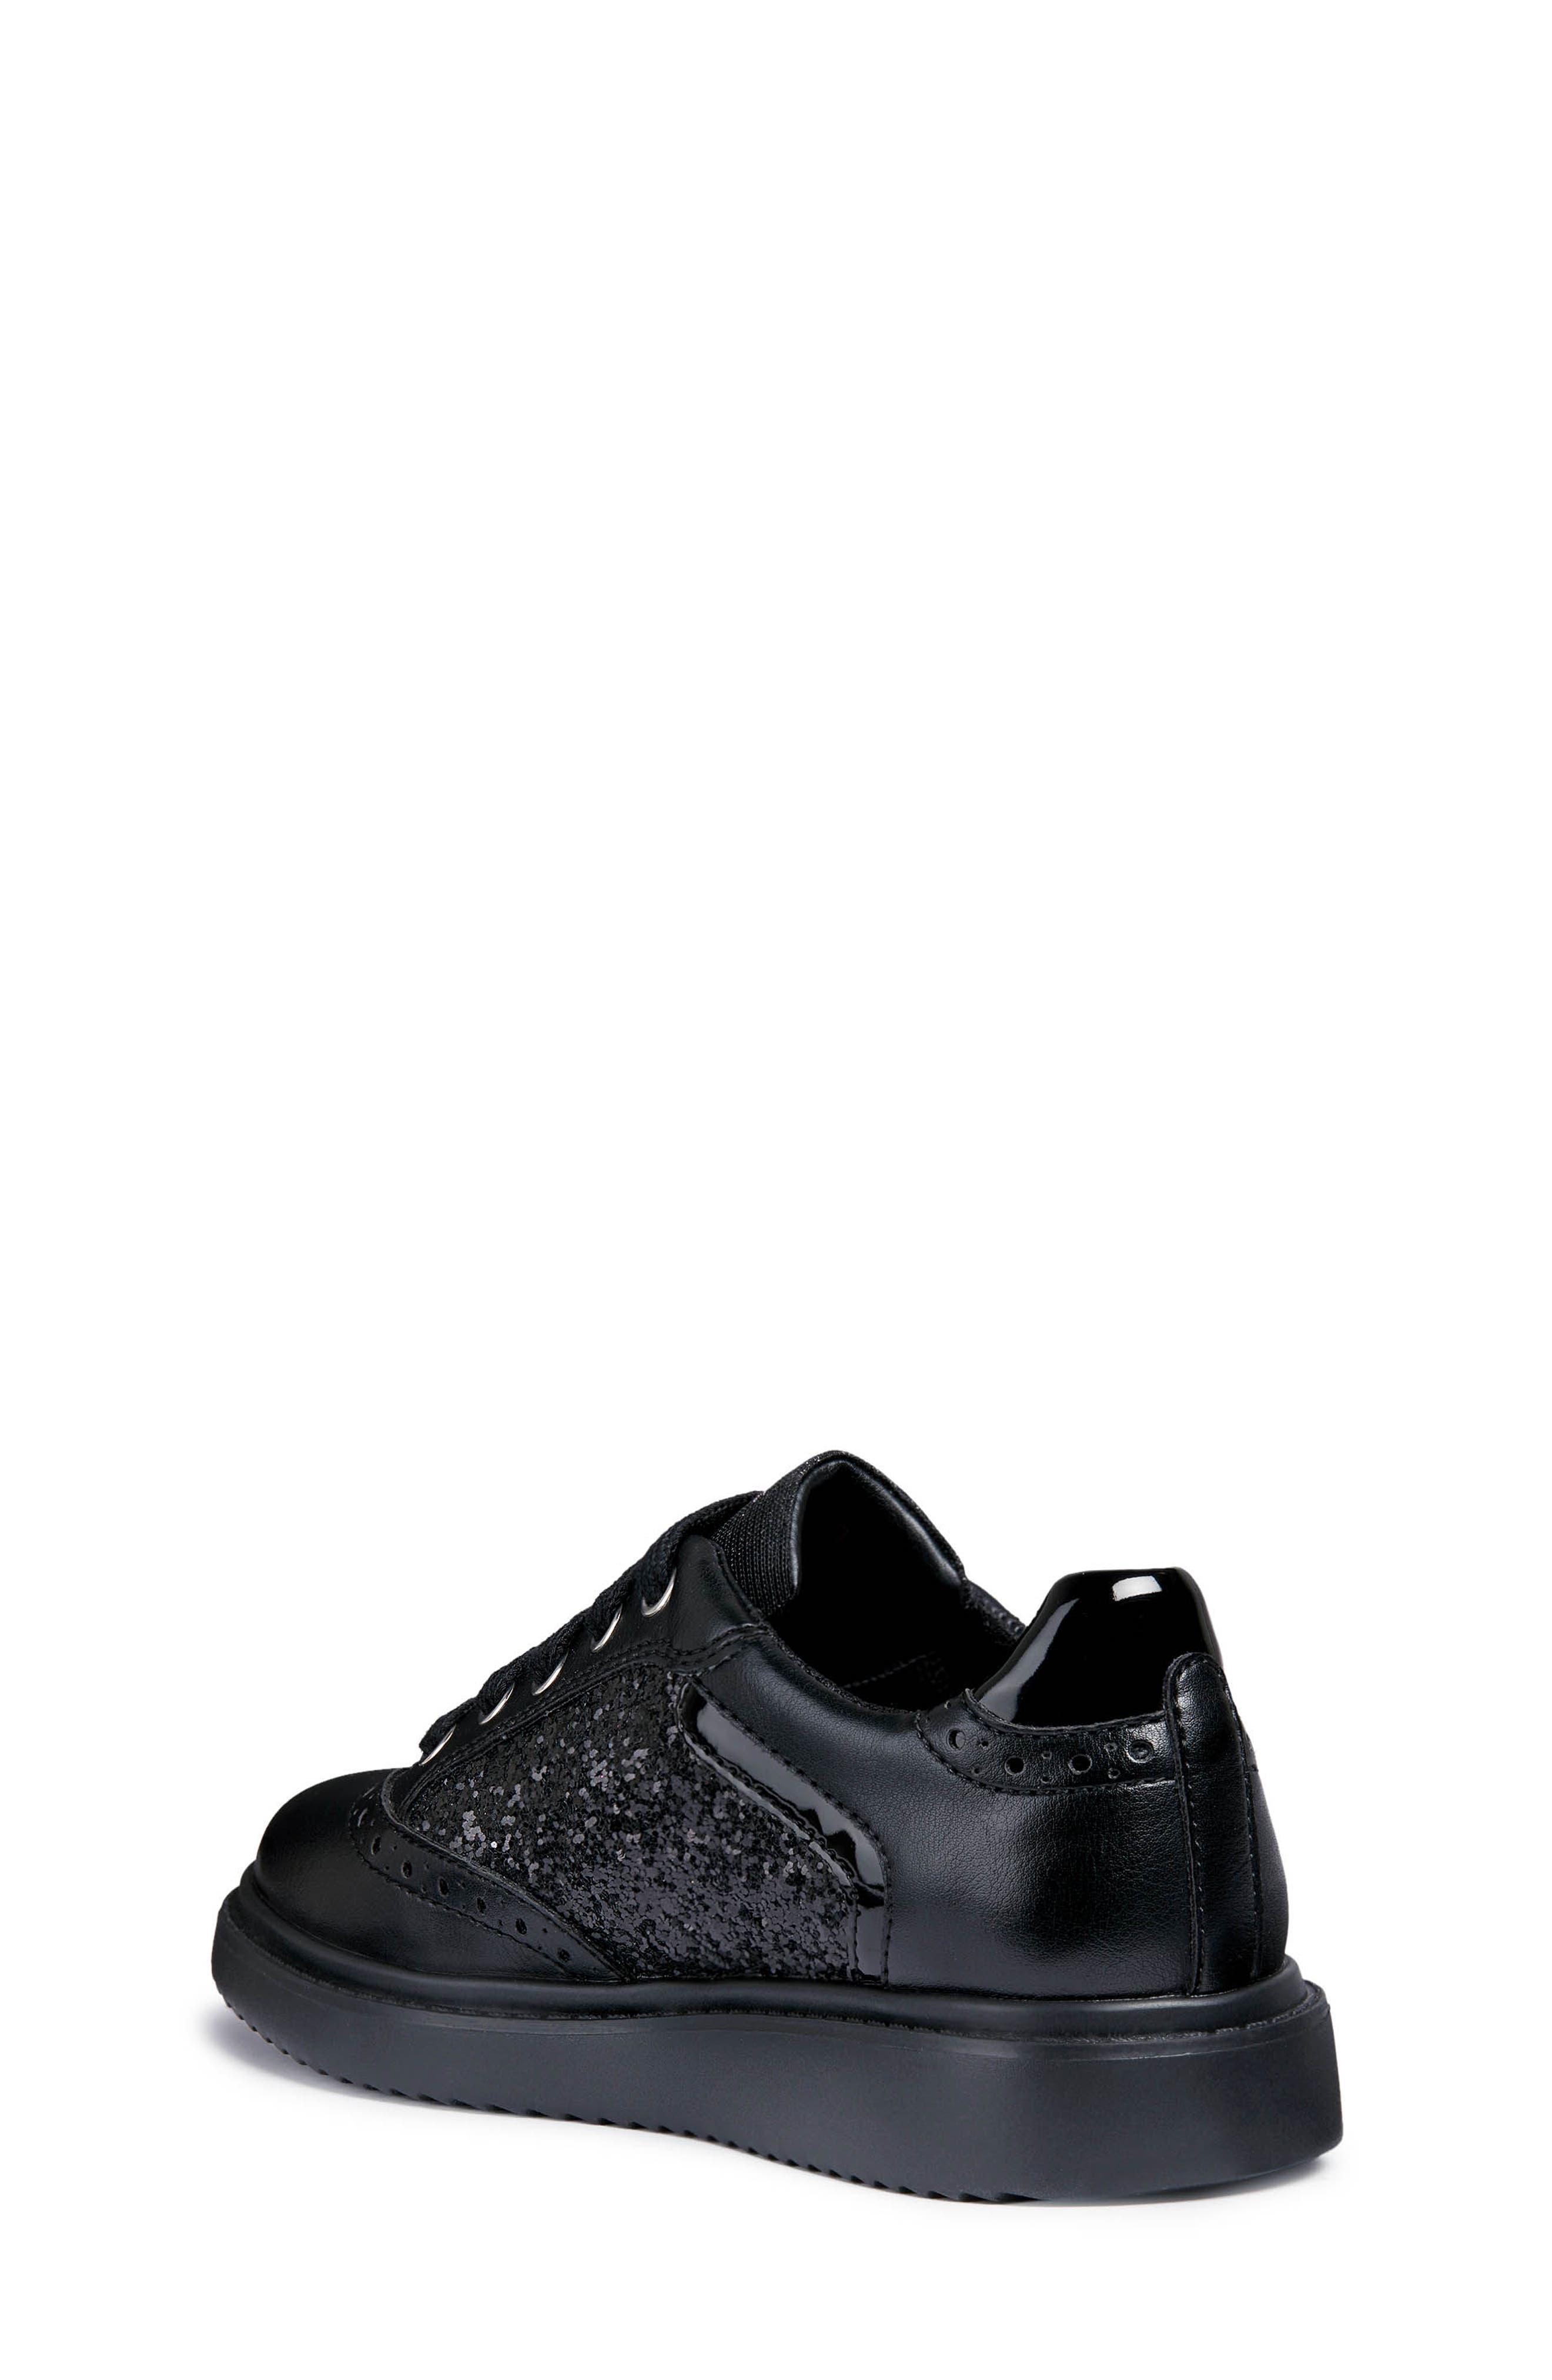 Thymar Sequin Sneaker,                             Alternate thumbnail 2, color,                             BLACK